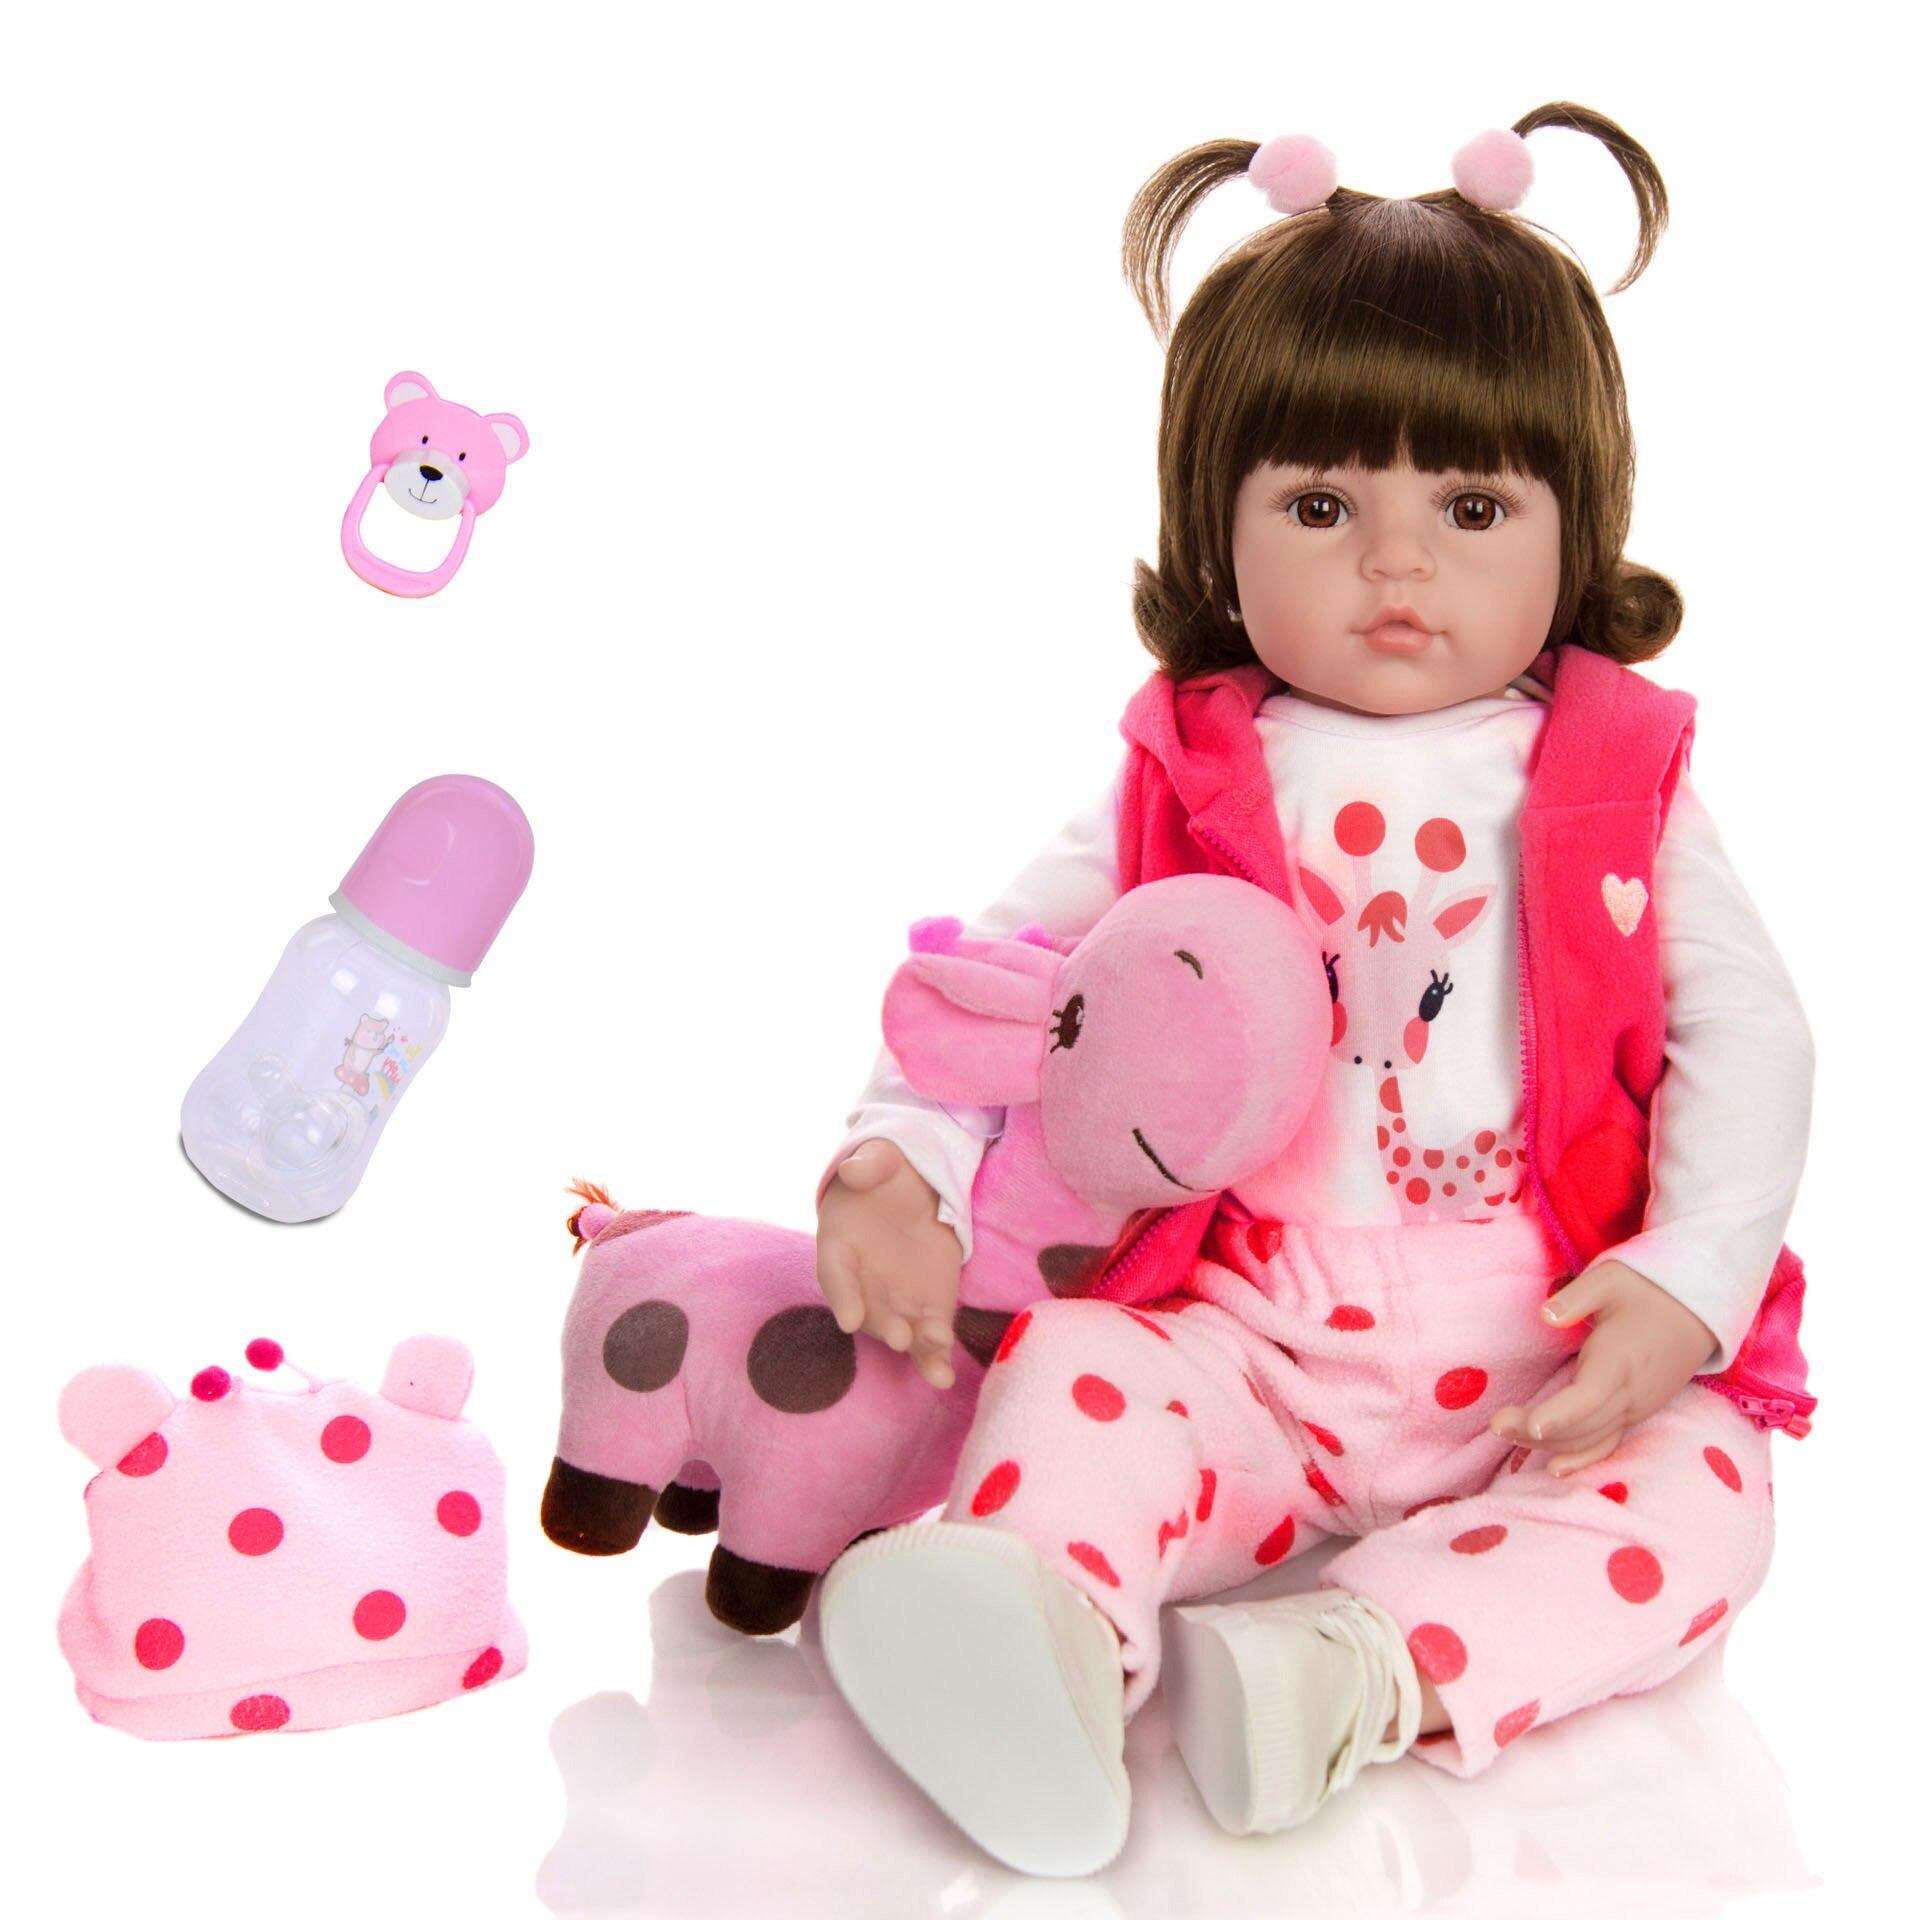 19 дюймов Кукла реборн 47 см мягкие силиконовые Новорожденные «подсолуха» для детей куклы Мягкие реалистичные Baby Doll с рисунком жирафа, подарок на Рождество